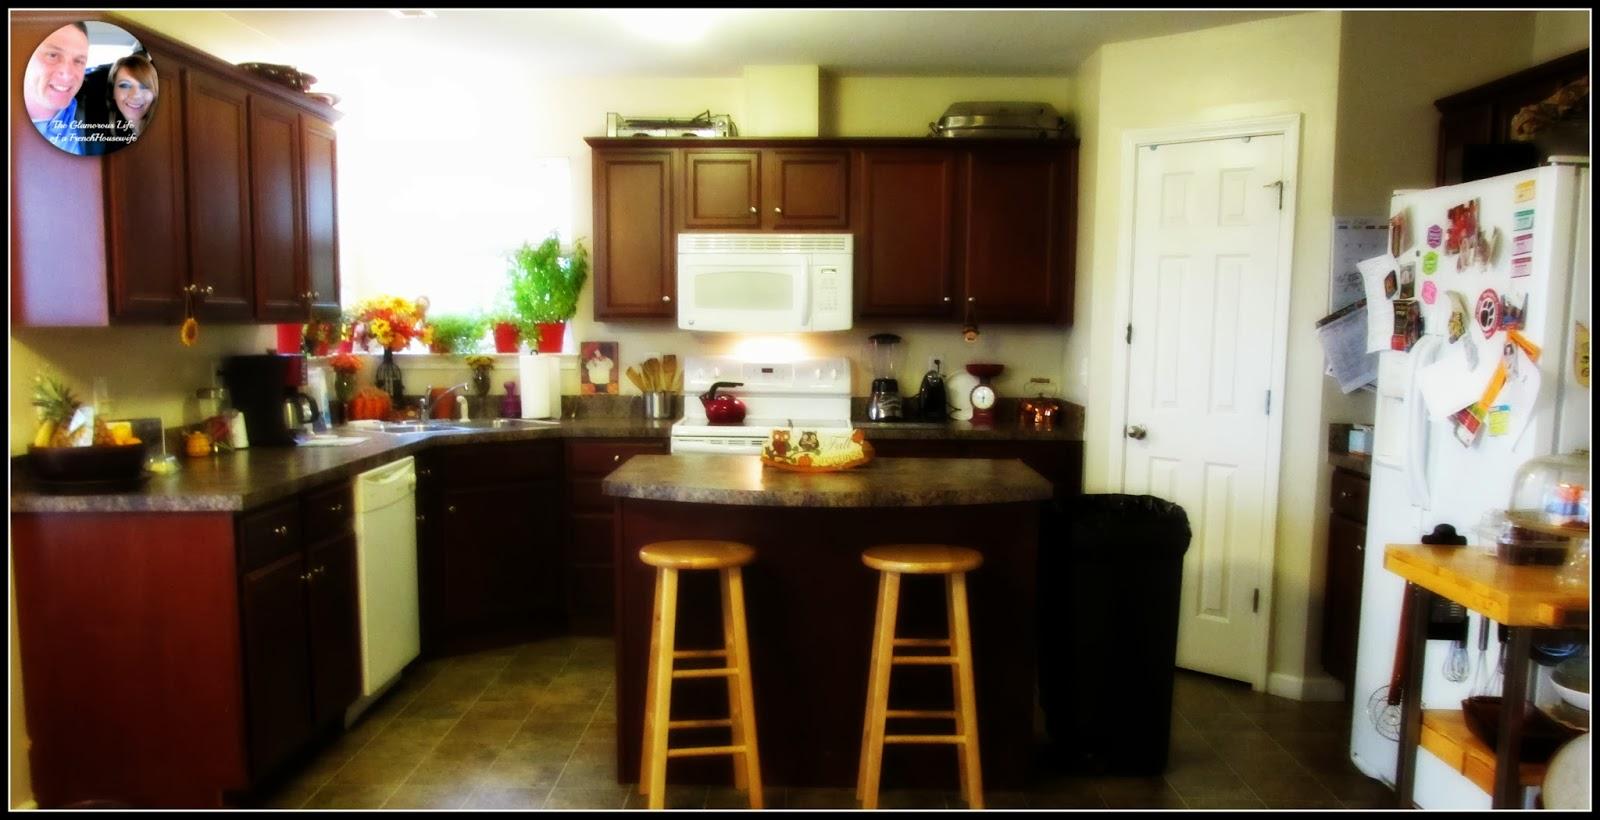 Kitchen Counter Organization Kitchen Organization Clutter Free Counter Tops Drawer